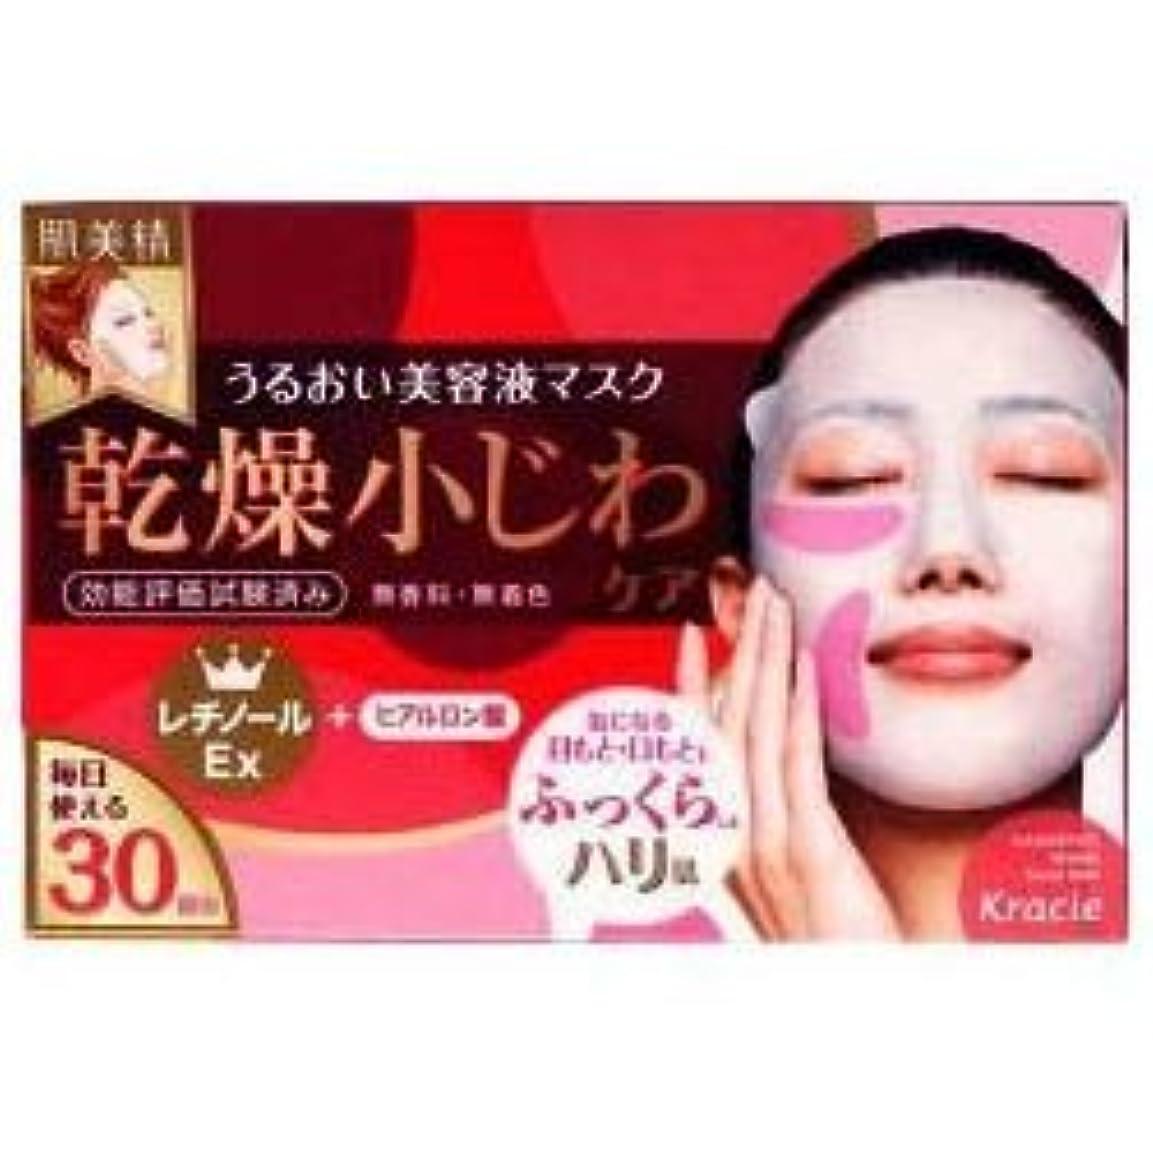 生き返らせる損失斧【クラシエ】肌美精 デイリーリンクルケア美容液マスク 30枚 ×5個セット